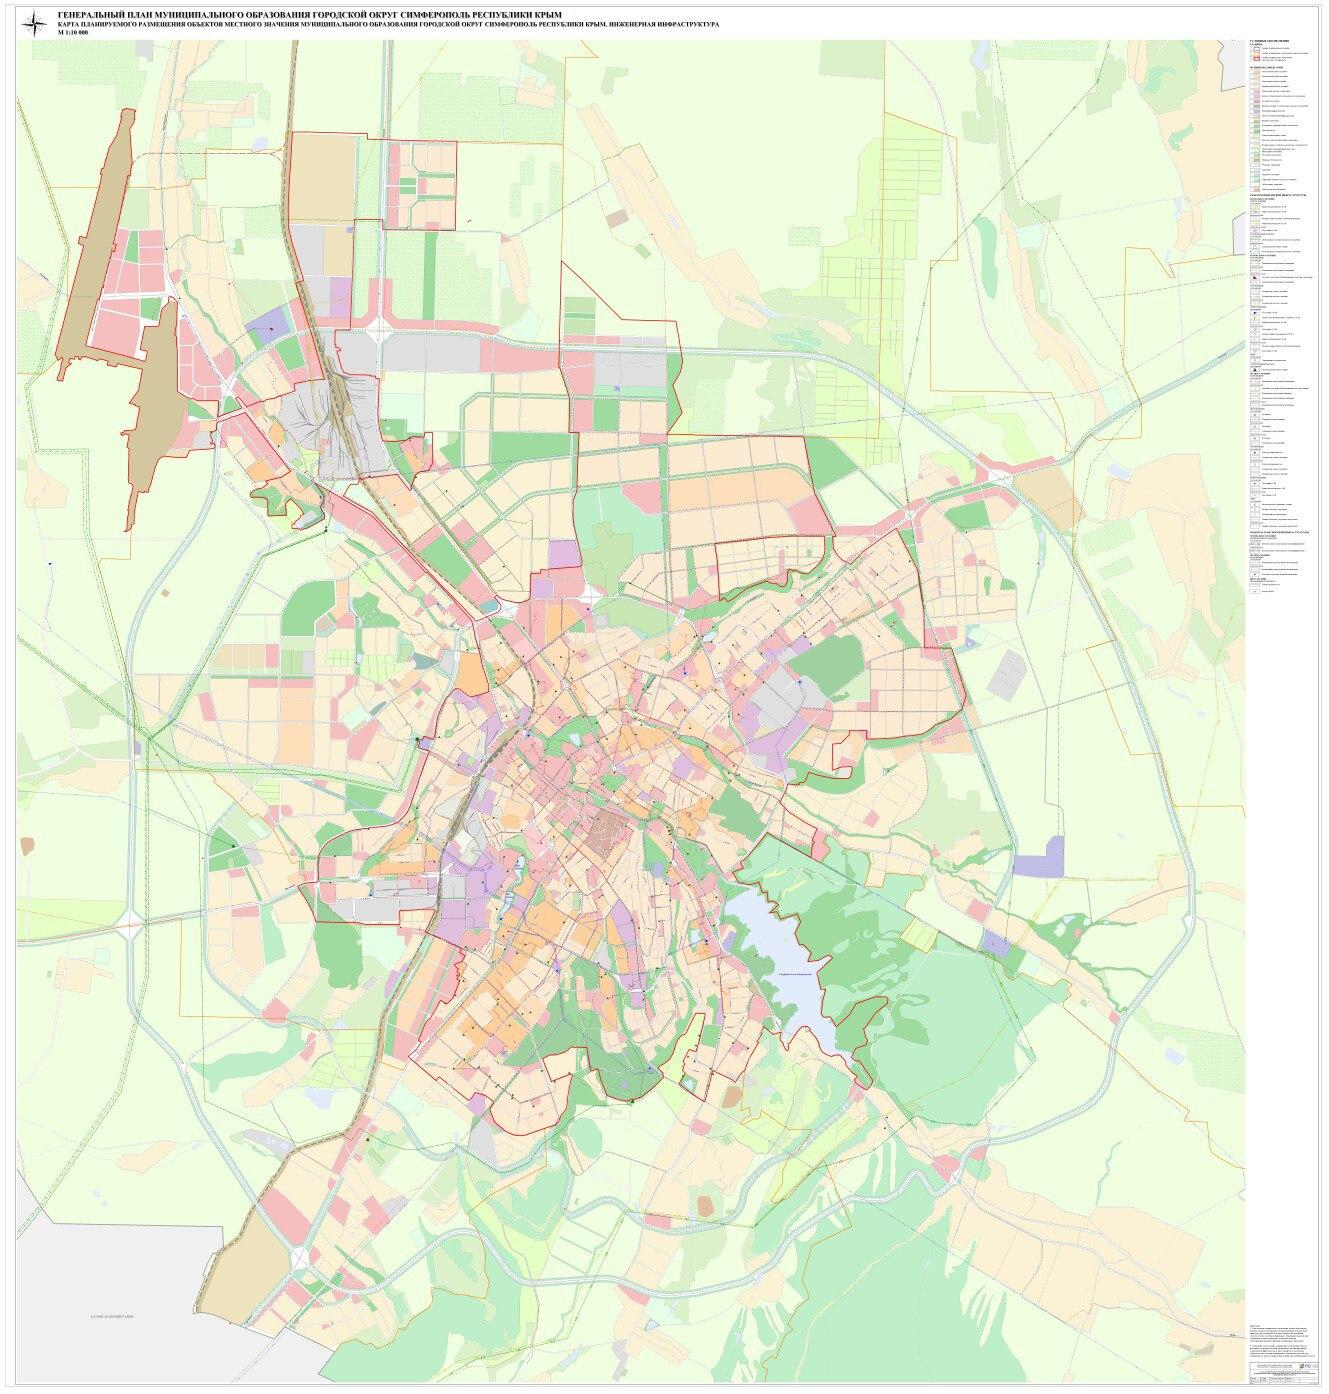 Карта. Генеральный план Симферополя с новыми объектами и кольцевой автодорогой федеральной трассы Таврида